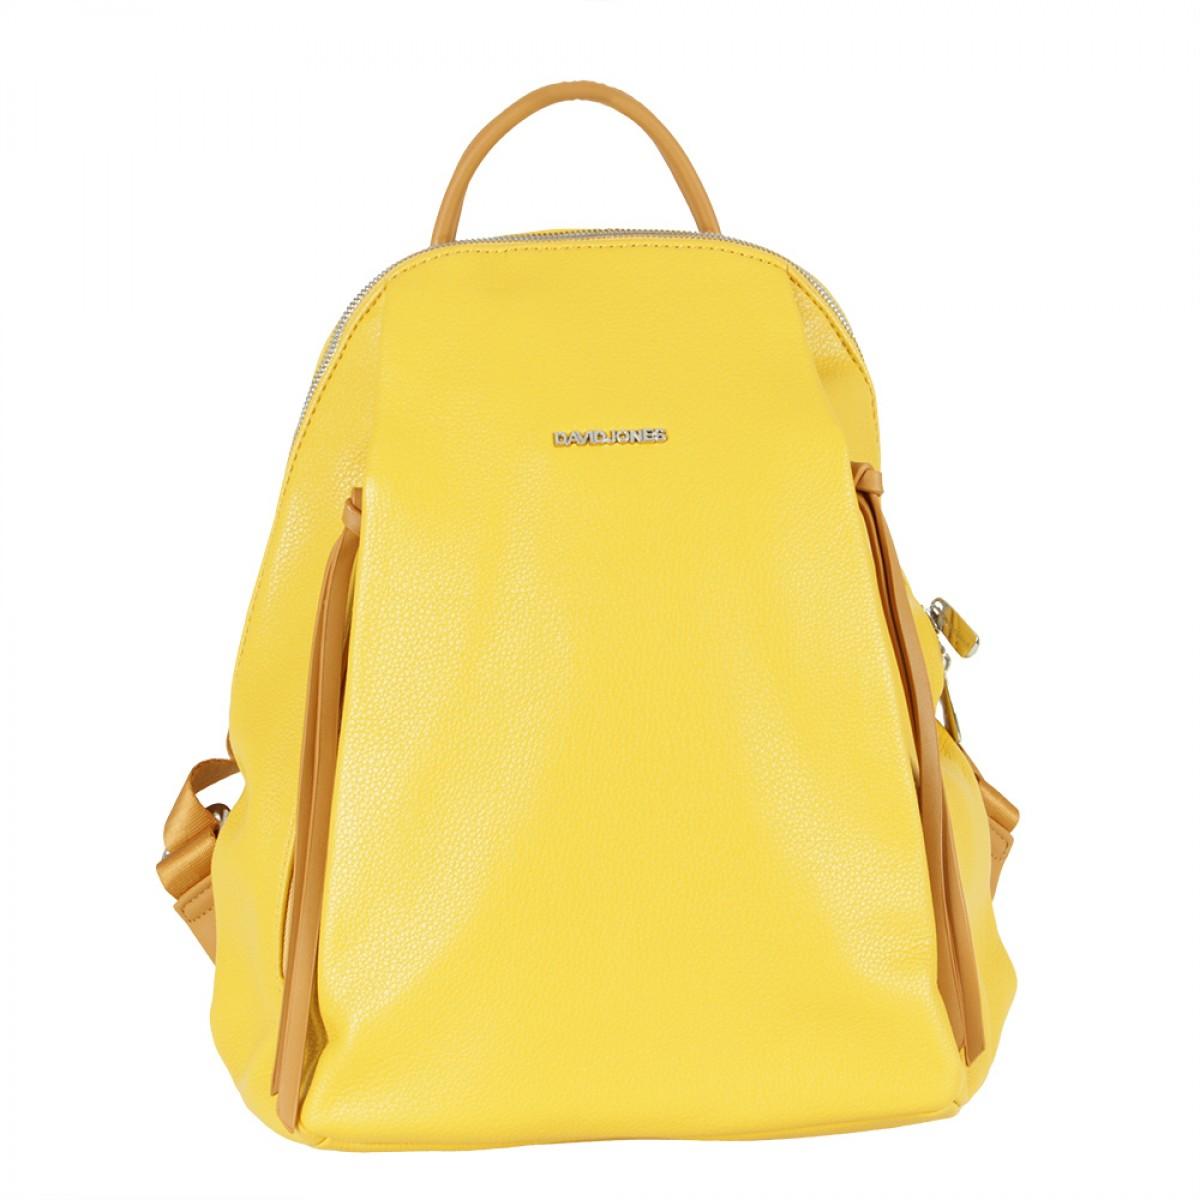 Жіночий рюкзак David Jones 6218-3 YELLOW